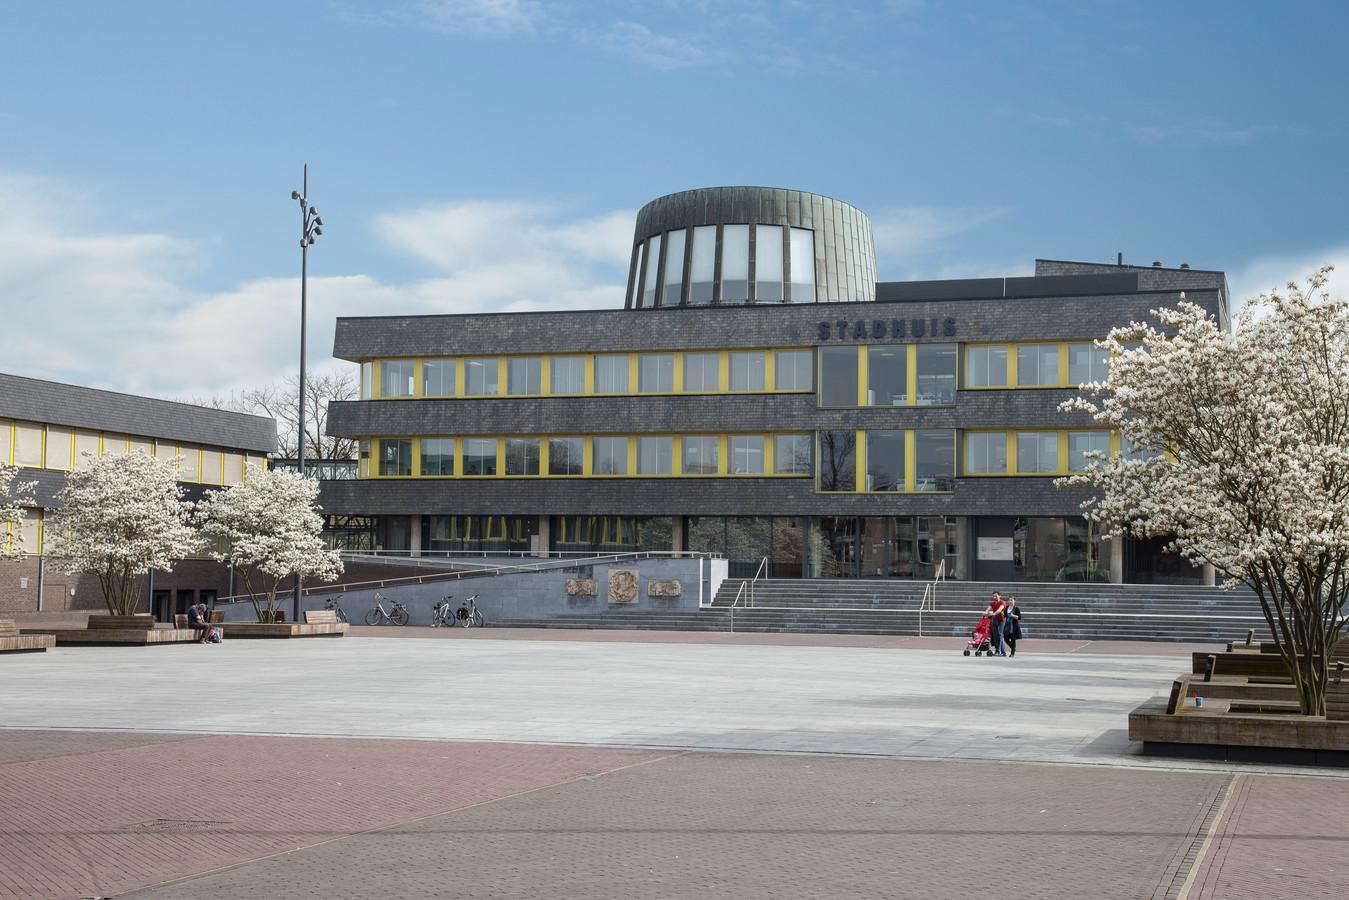 In het stadhuis van Doetinchem wordt woensdagavond het rapport van Berenschot over Laborijn gepresenteerd aan de raadsleden van Doetinchem, Oude IJsselstreek en Aalten.